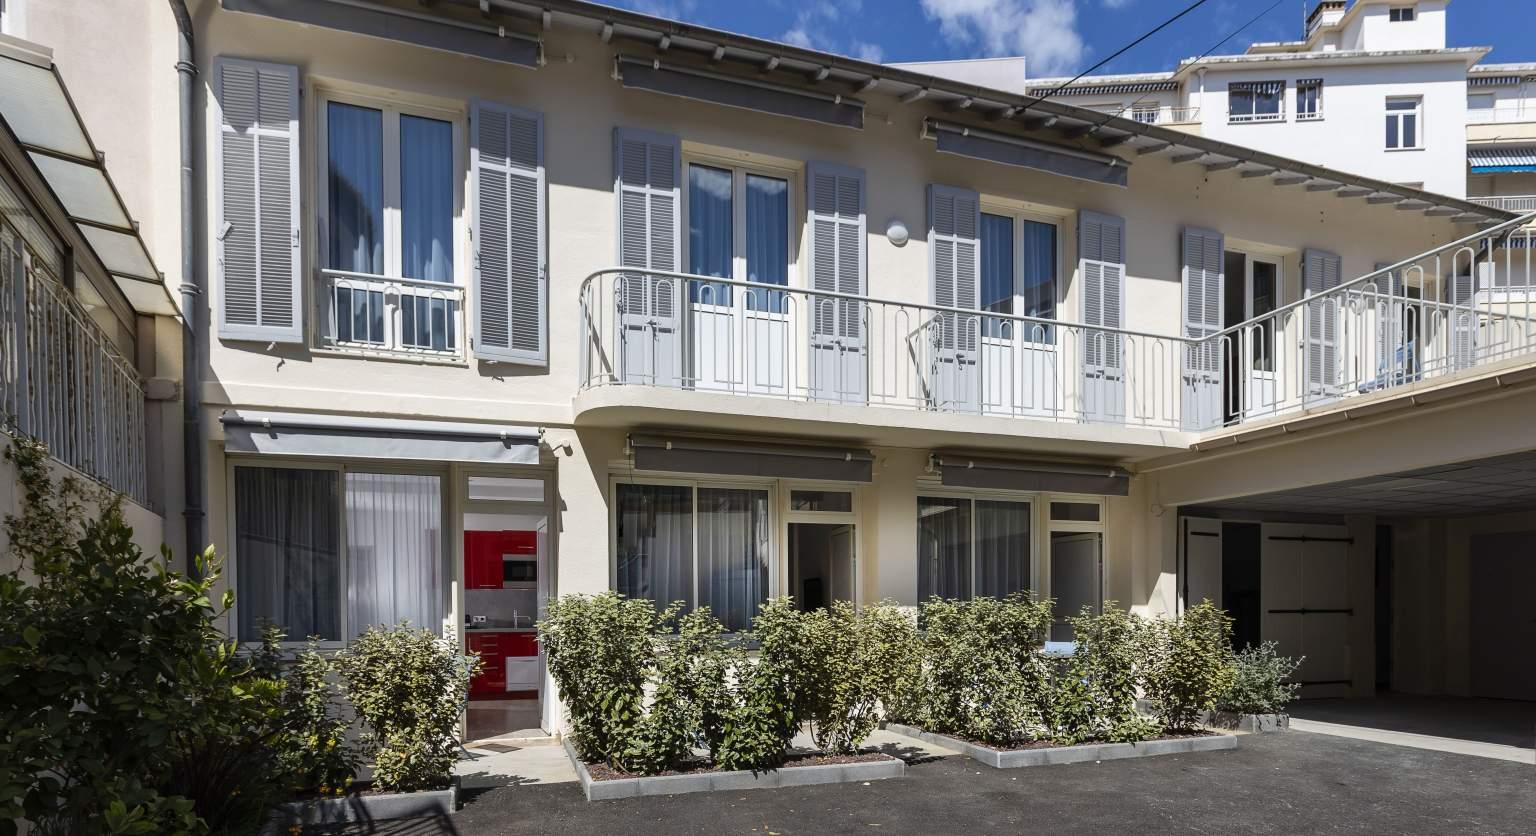 Appart Hotel Juan les Pins · Location appartement vacances Juan les Pins